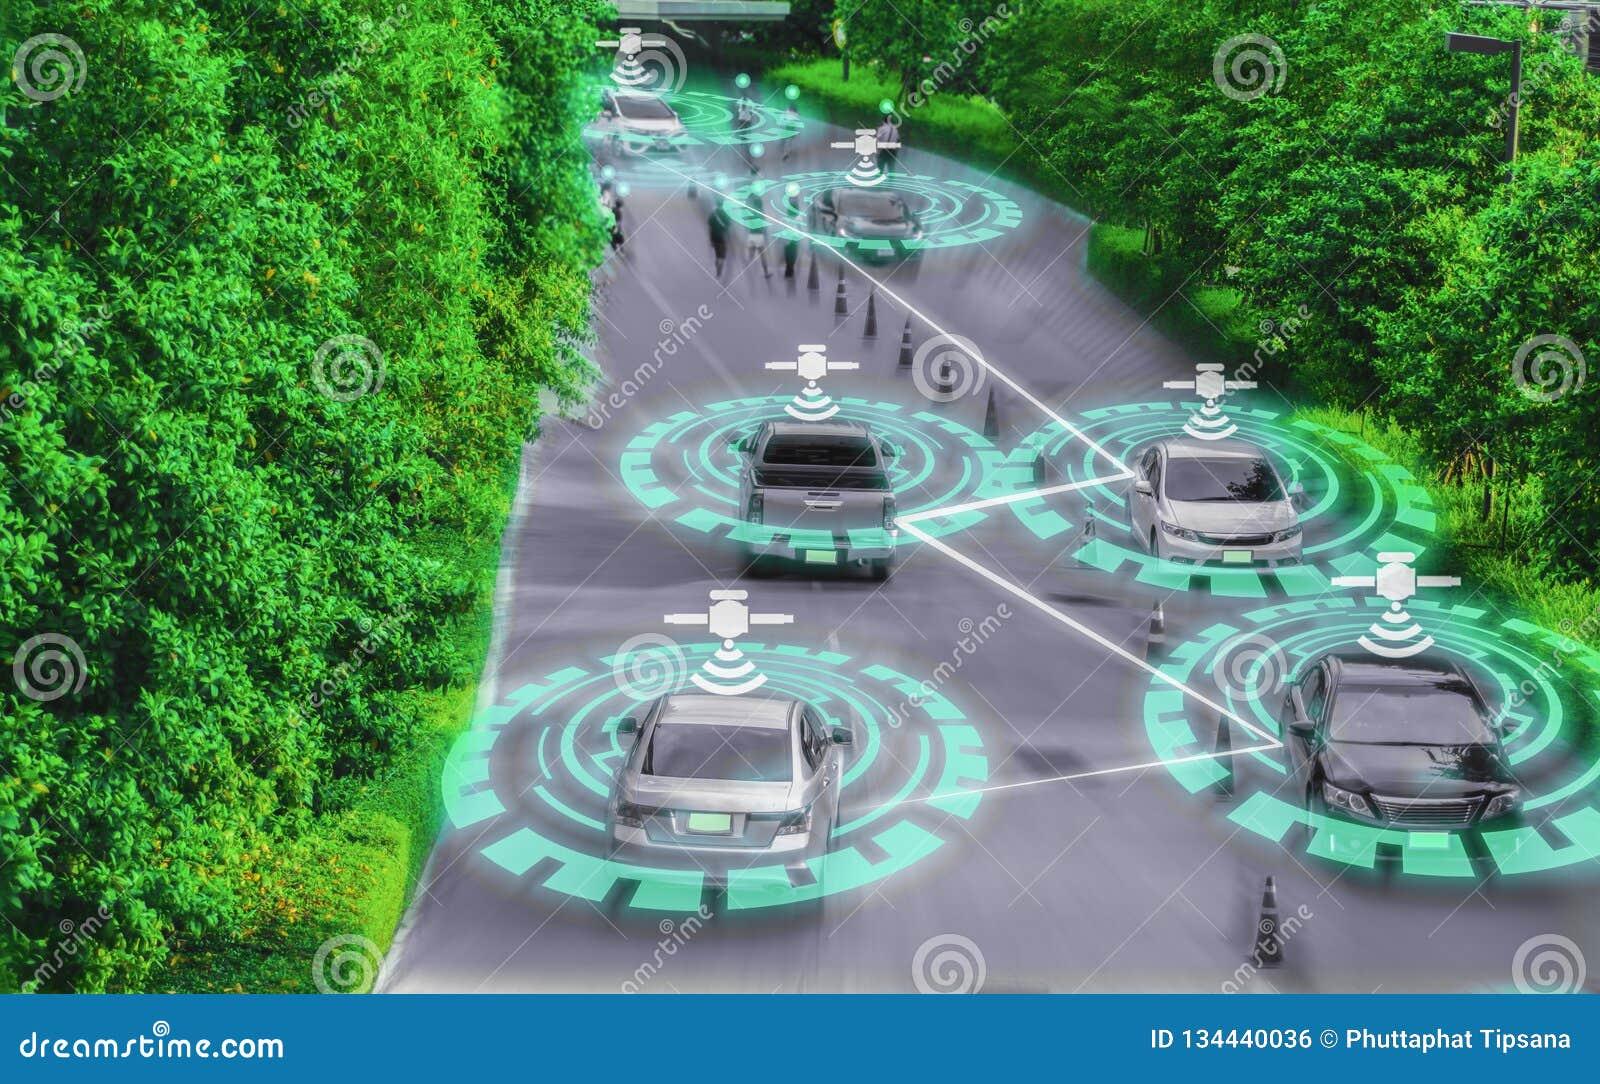 Futurystyczny mądrze samochodowy geniusz dla inteligentnego jaźni jeżdżenia, Sztucznej inteligencji system AI, pojęcia jeżdżenie